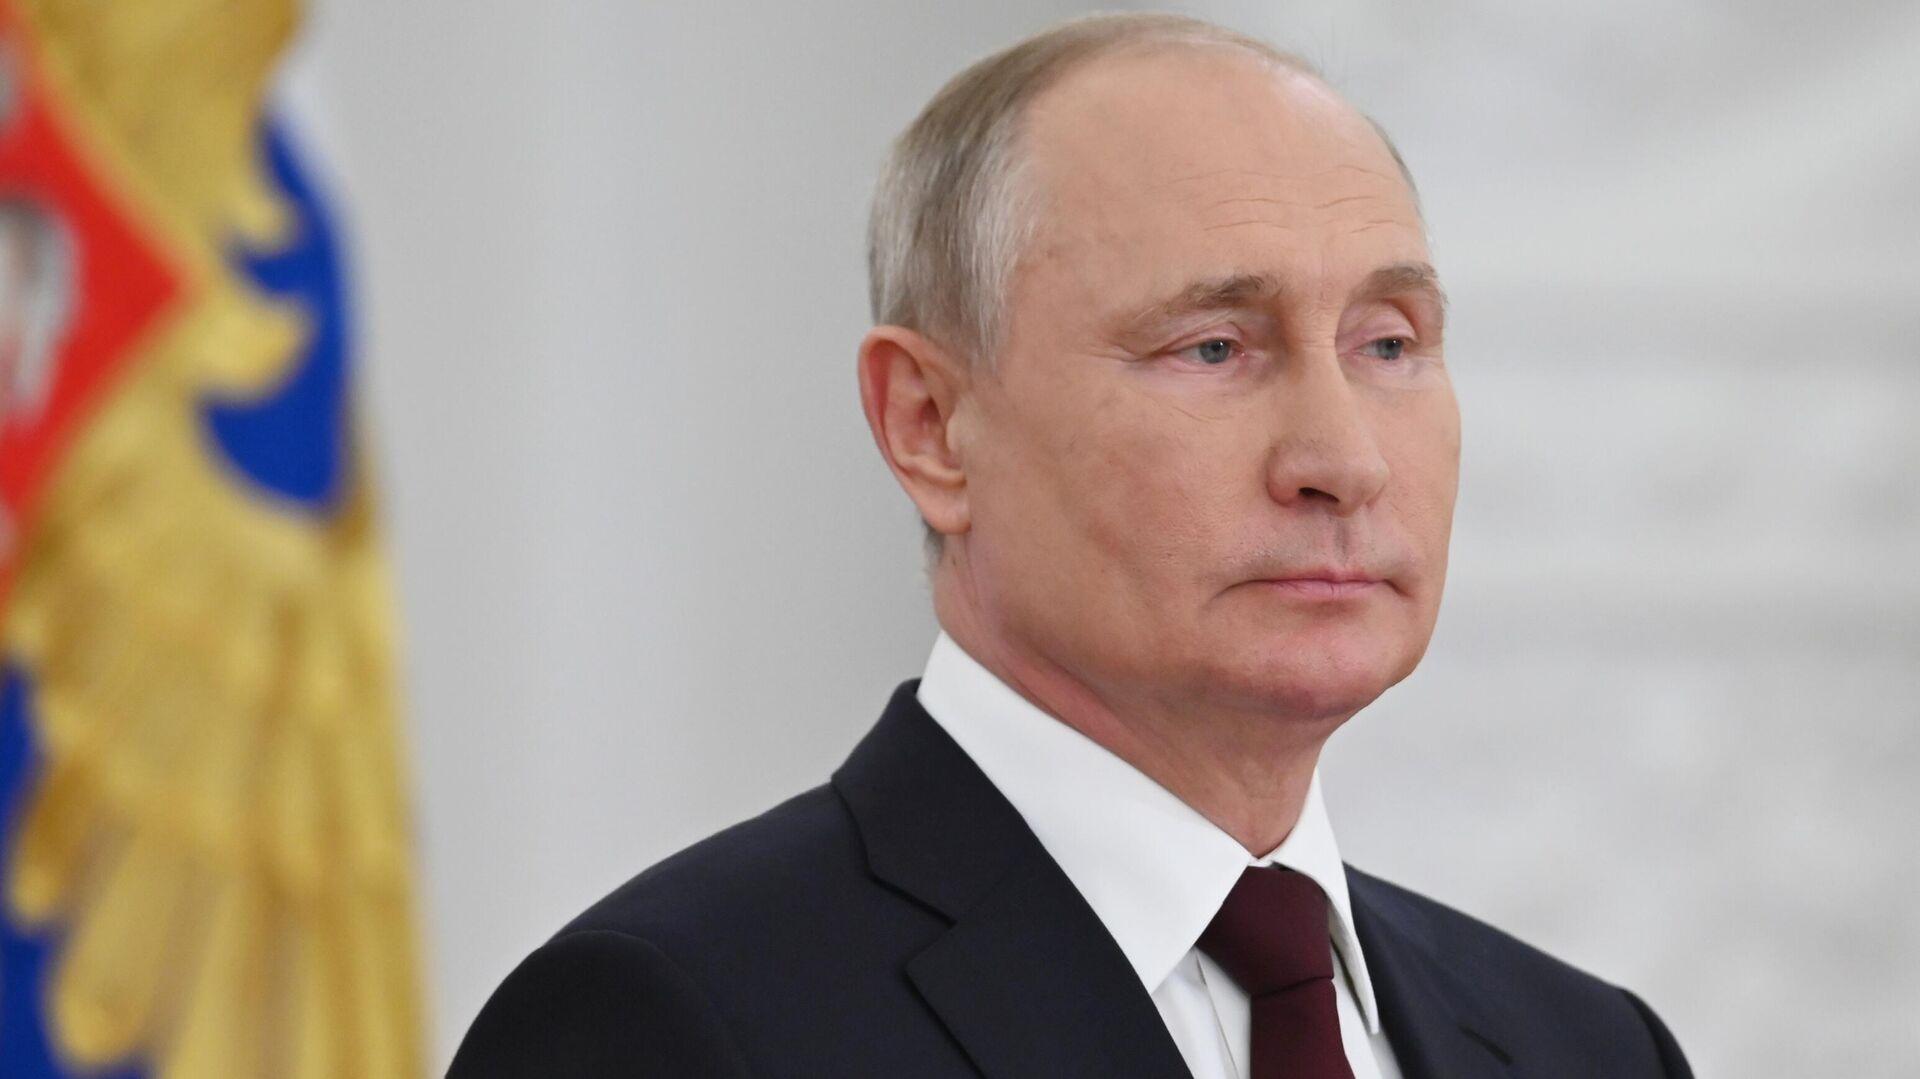 Президент РФ Владимир Путин во время встречи с выпускниками военных вузов - РИА Новости, 1920, 28.06.2021